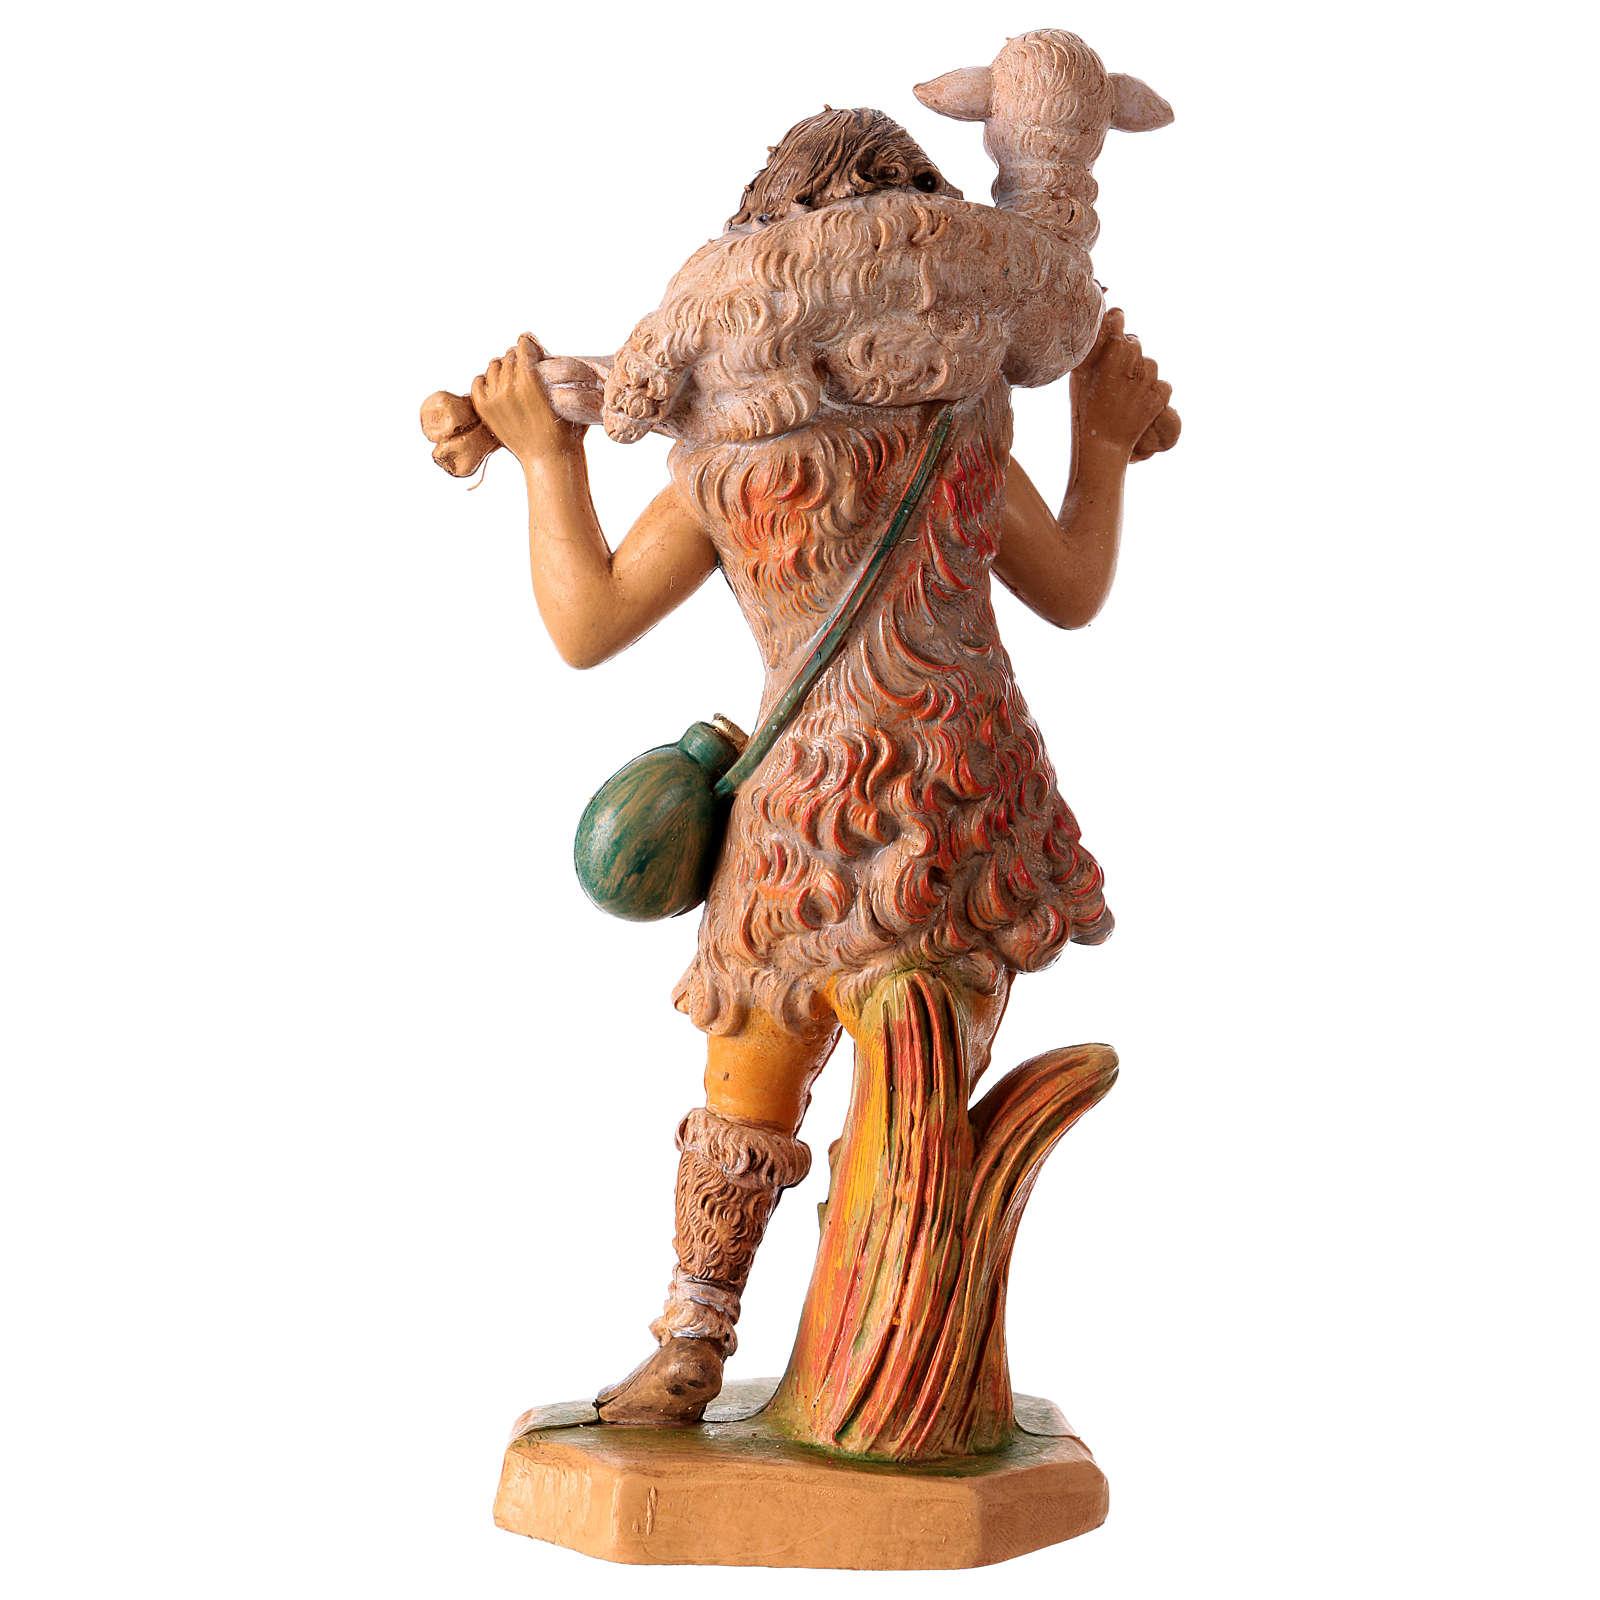 Statua uomo con pecora in spalla 16 cm per presepe 3